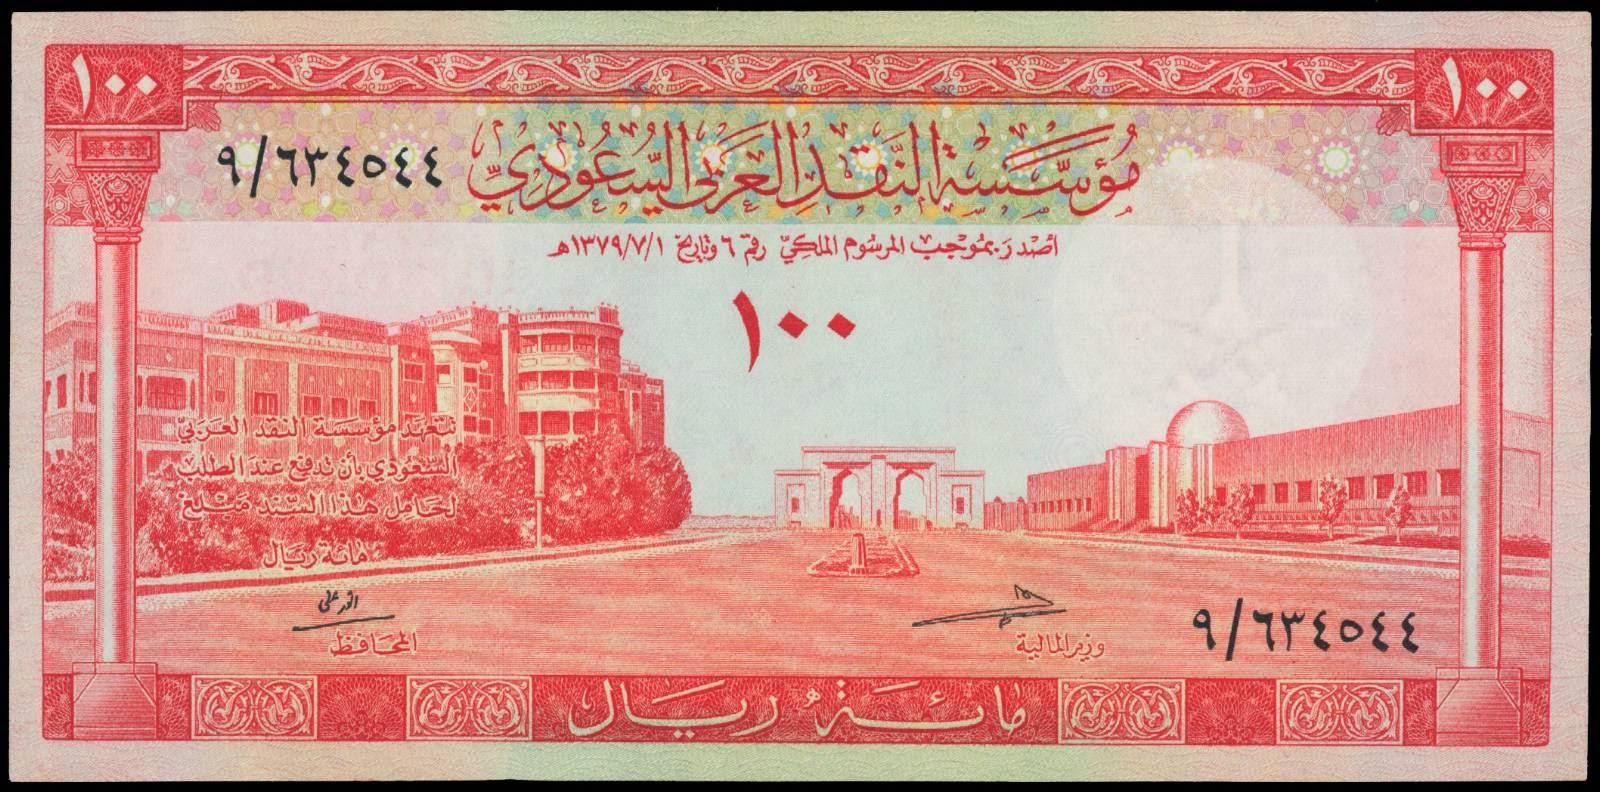 Saudi Arabia banknotes 100 Riyal note 1961